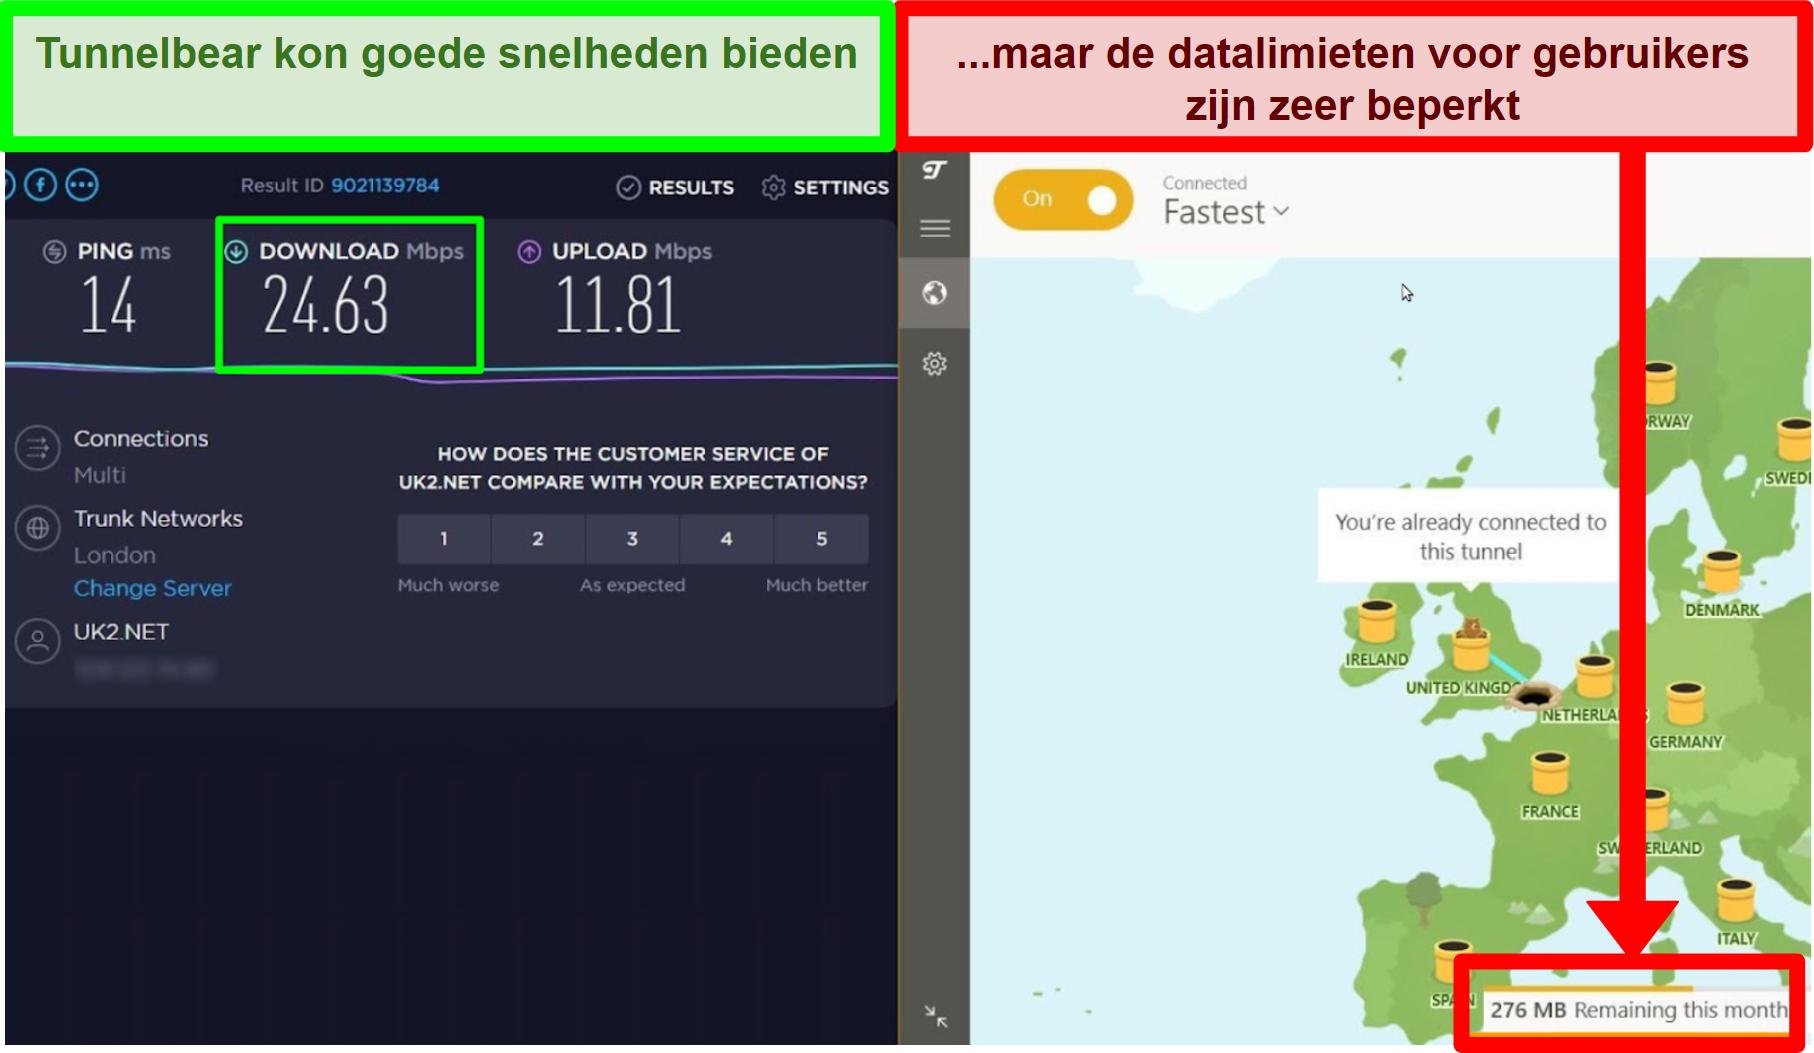 TunnelBear heeft goede snelheden maar beperkt gebruikersgegevens